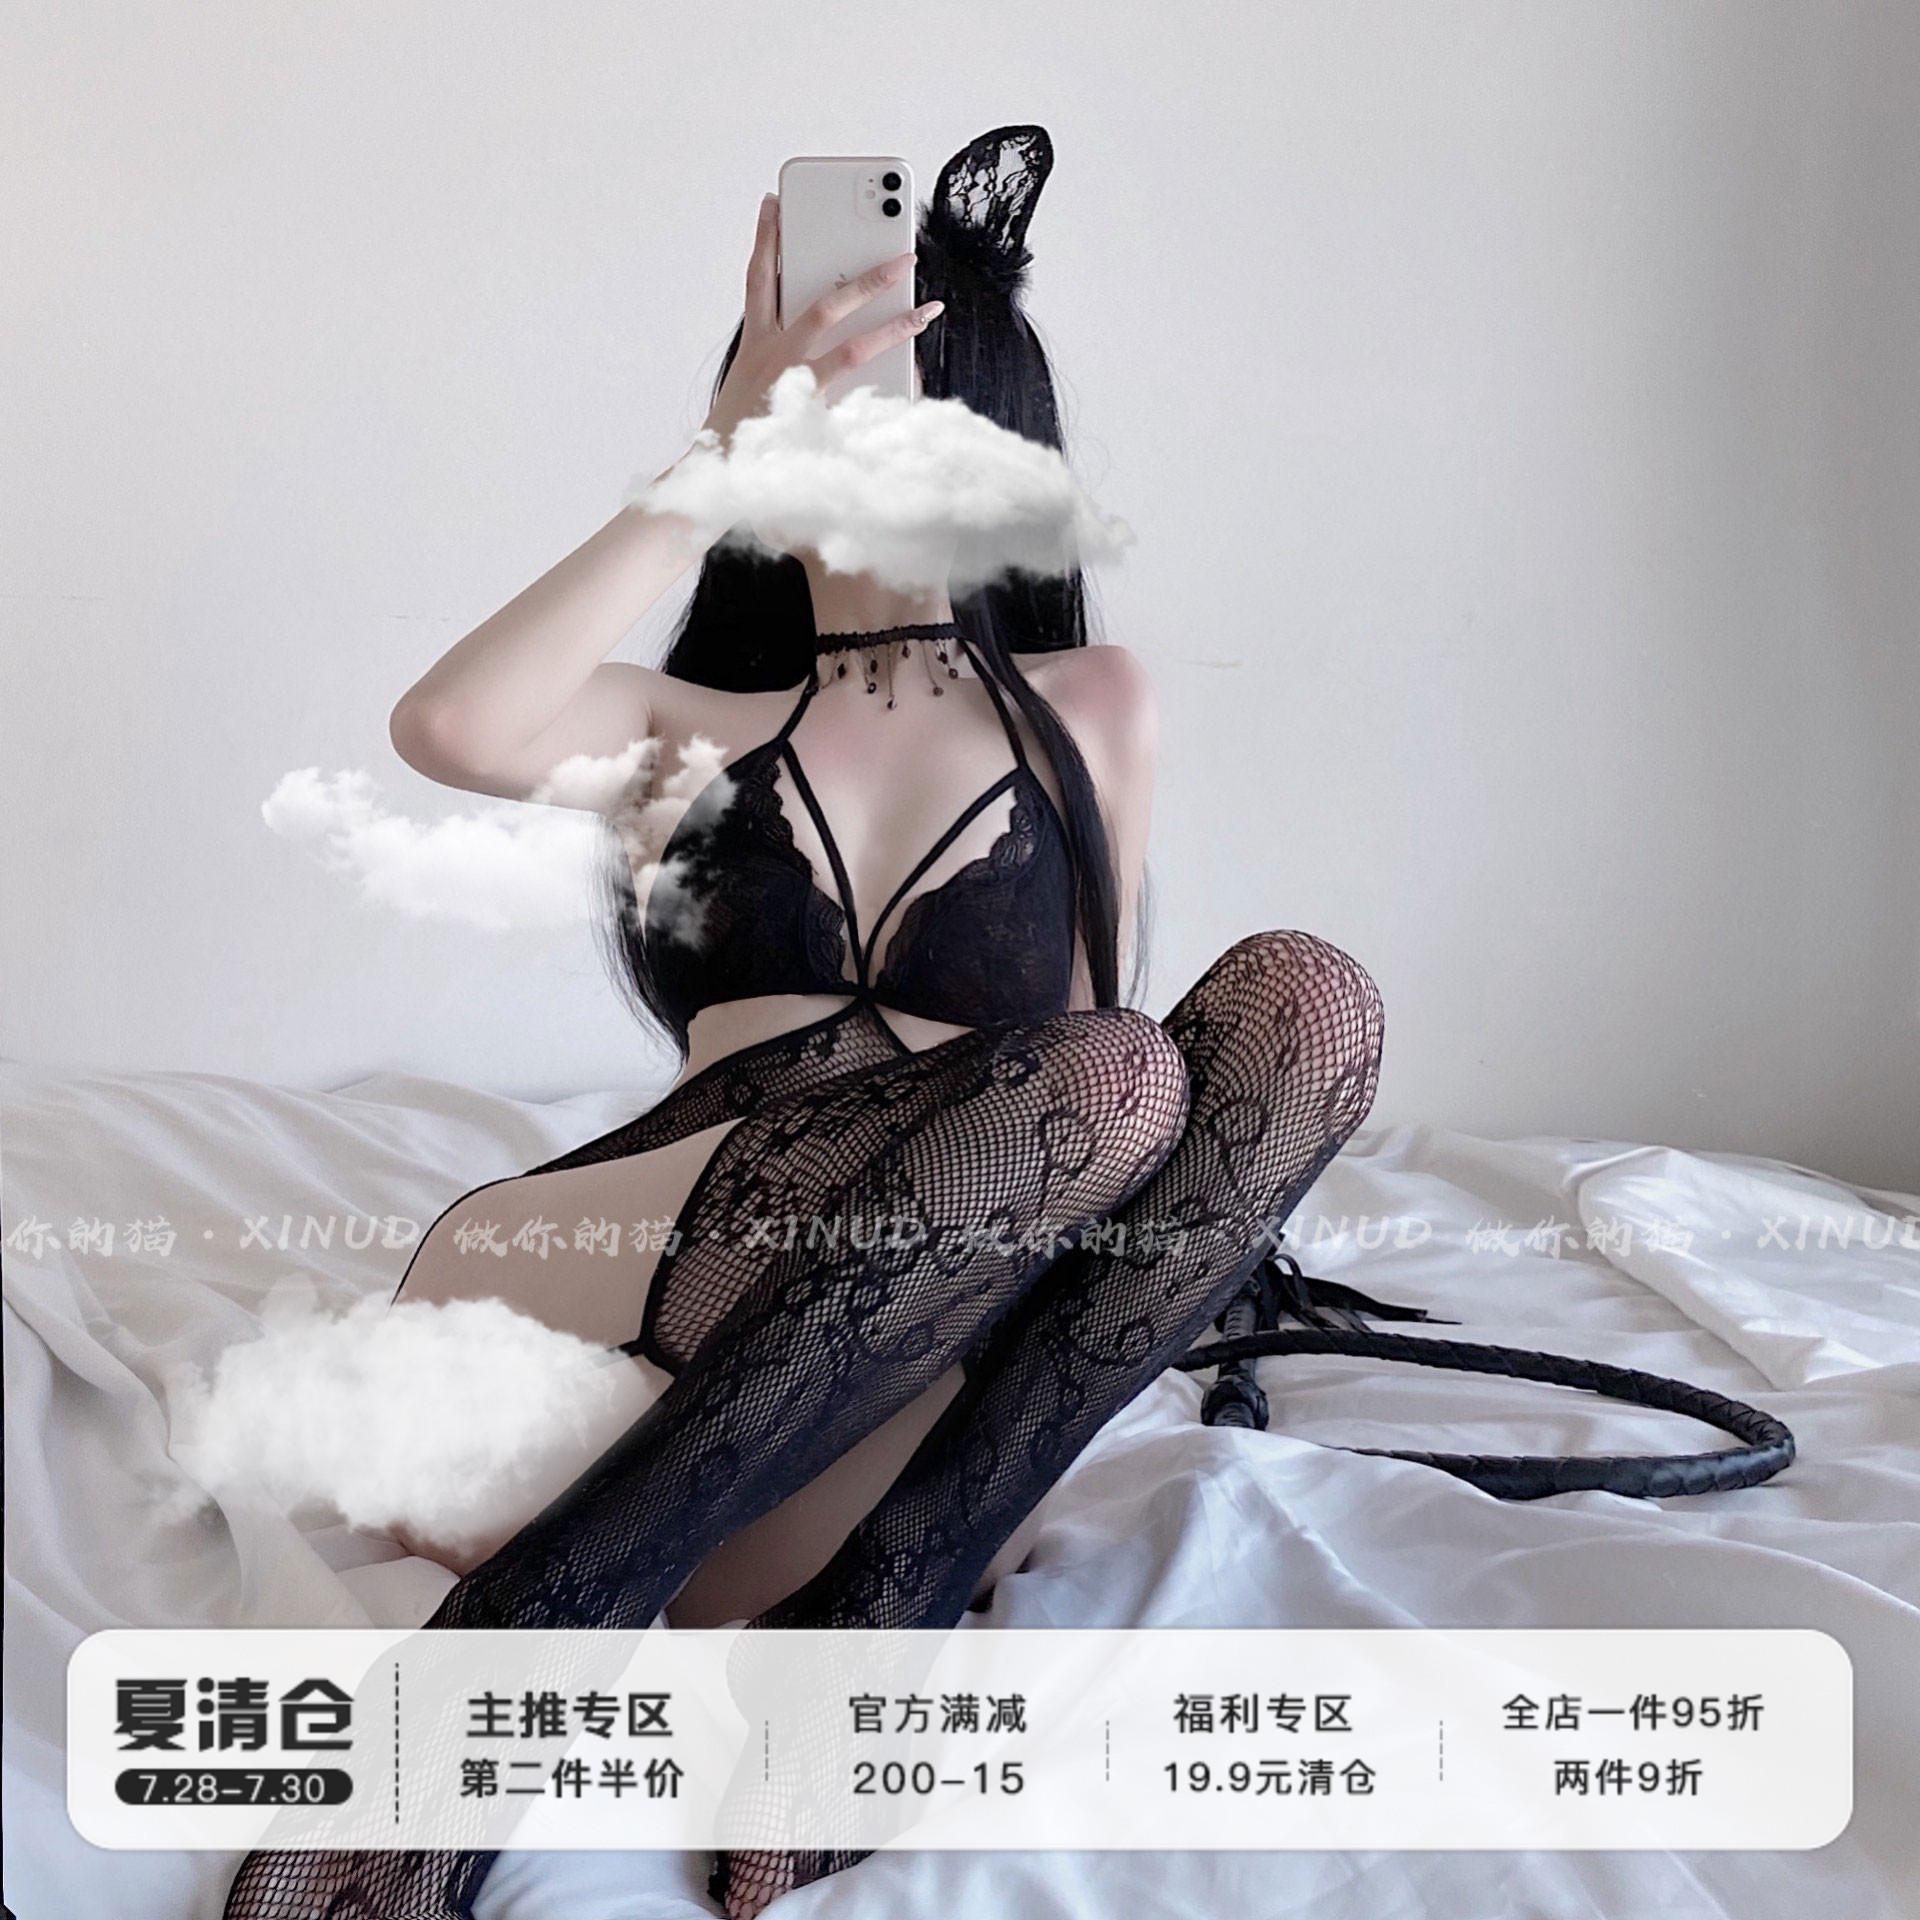 做你的猫:暴击诱惑渔网连体衣性感网袜情趣性感火辣连身丝袜免脱